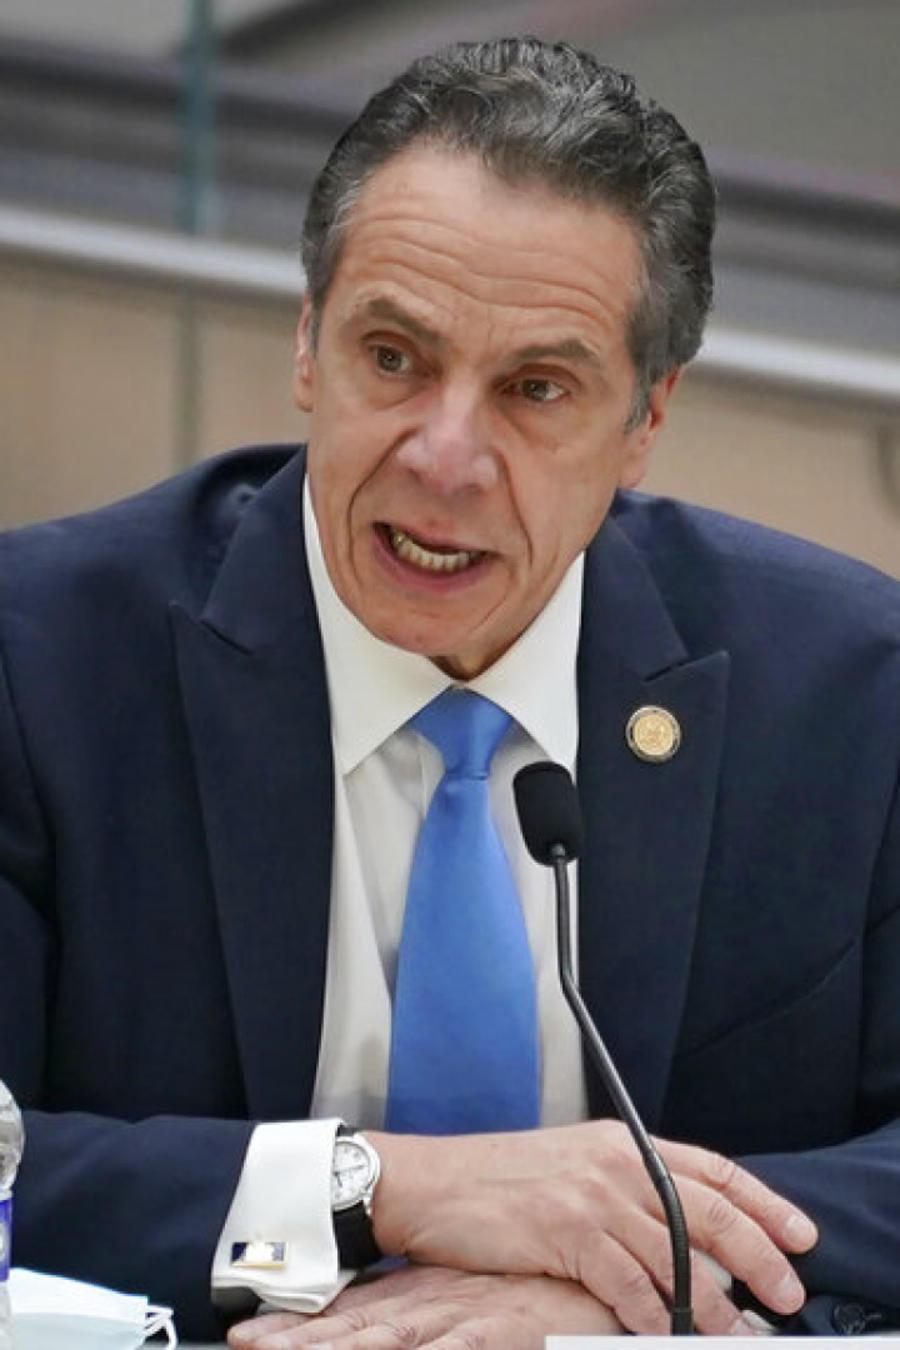 Andrew Cuomo Gobernador del Estado de Nueva York